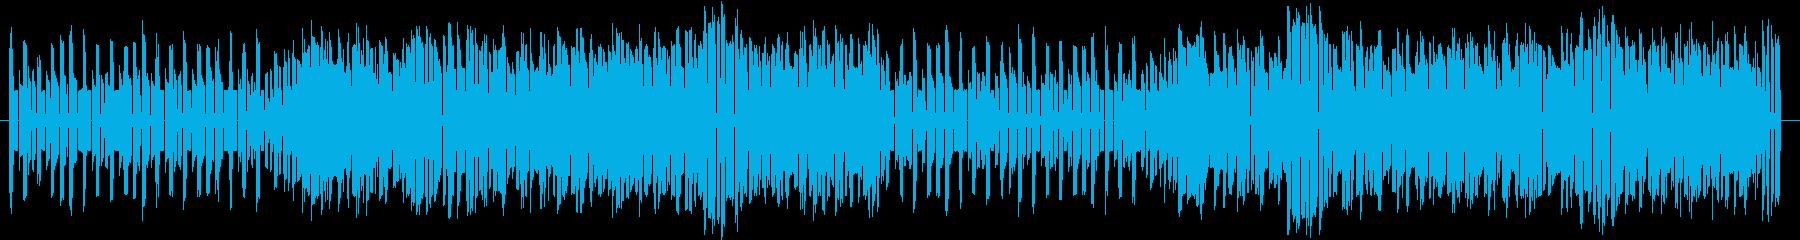 8bit風ロックBGMの再生済みの波形